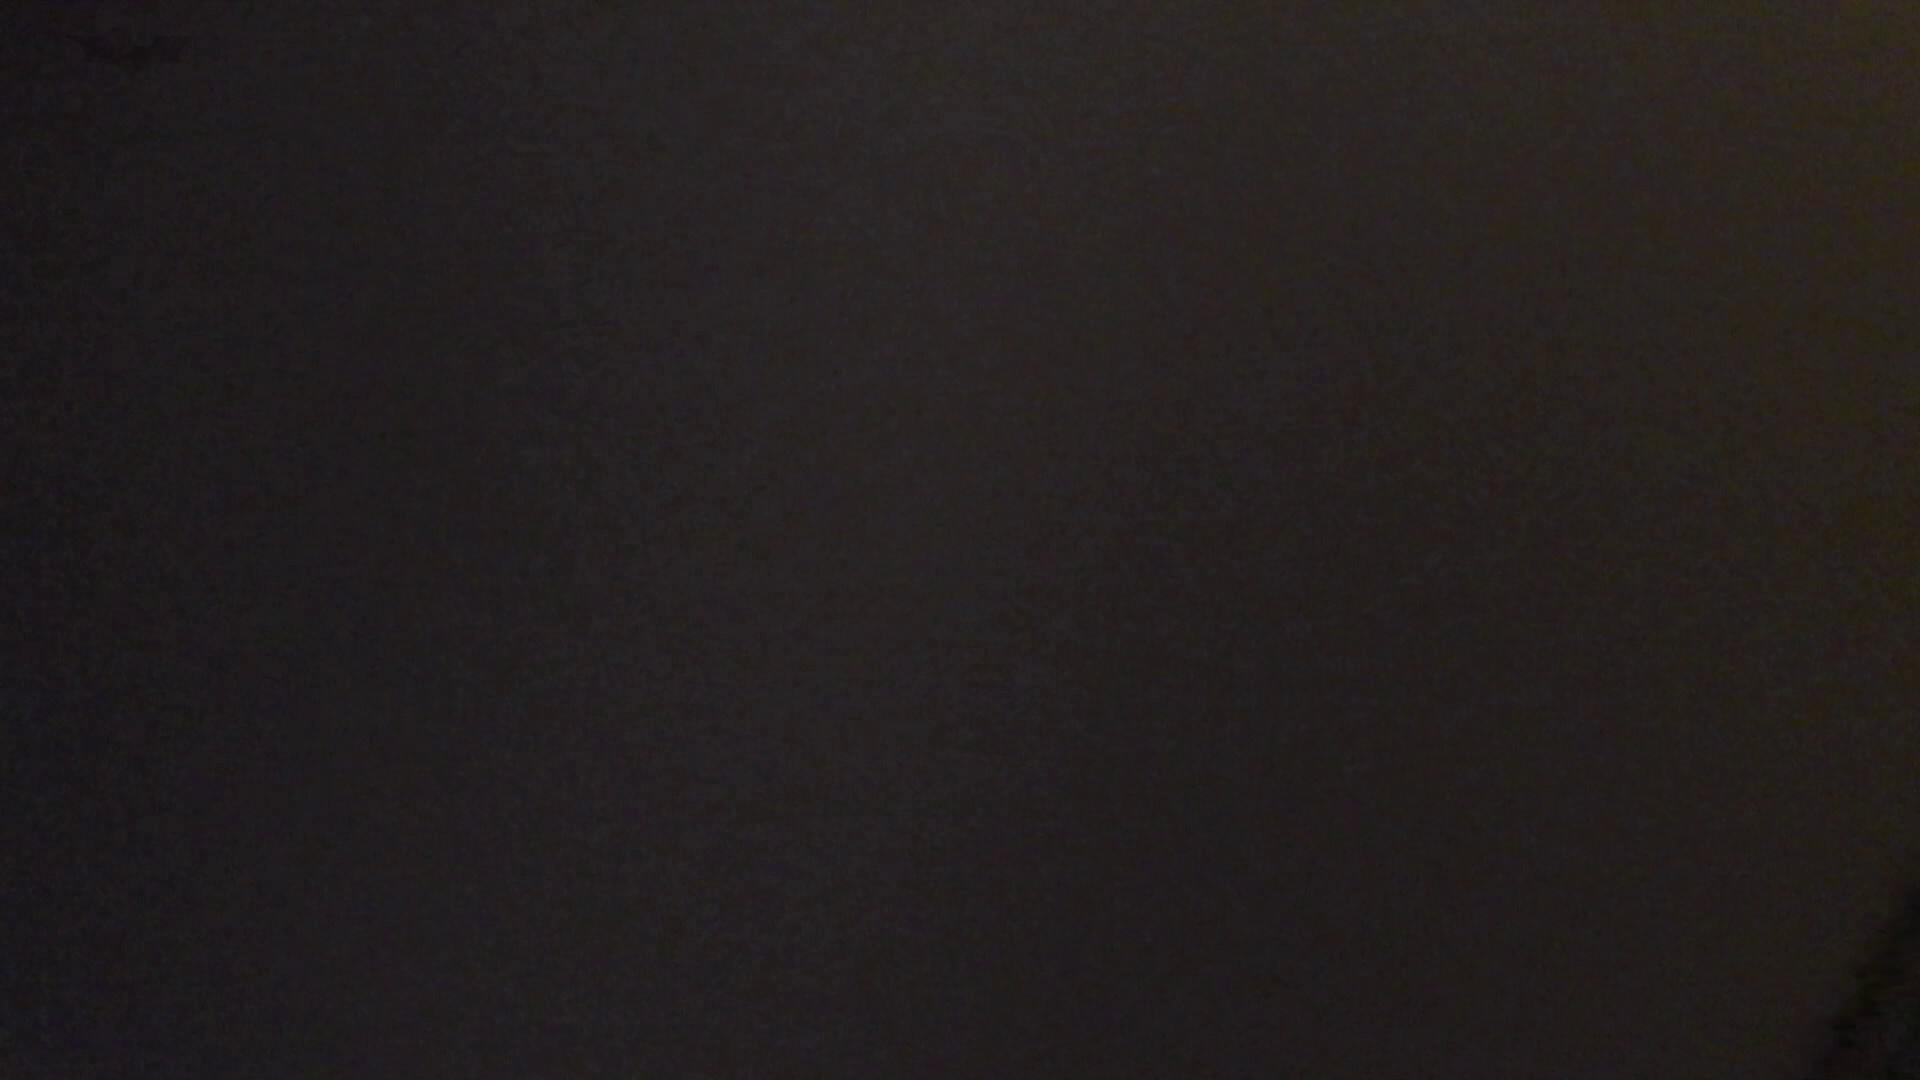 ▲復活限定▲マンコ丸見え!花火大会潜入撮Vol.01夏特番! 花火大会撮りおろし 潜入エロ調査   OL  54連発 44